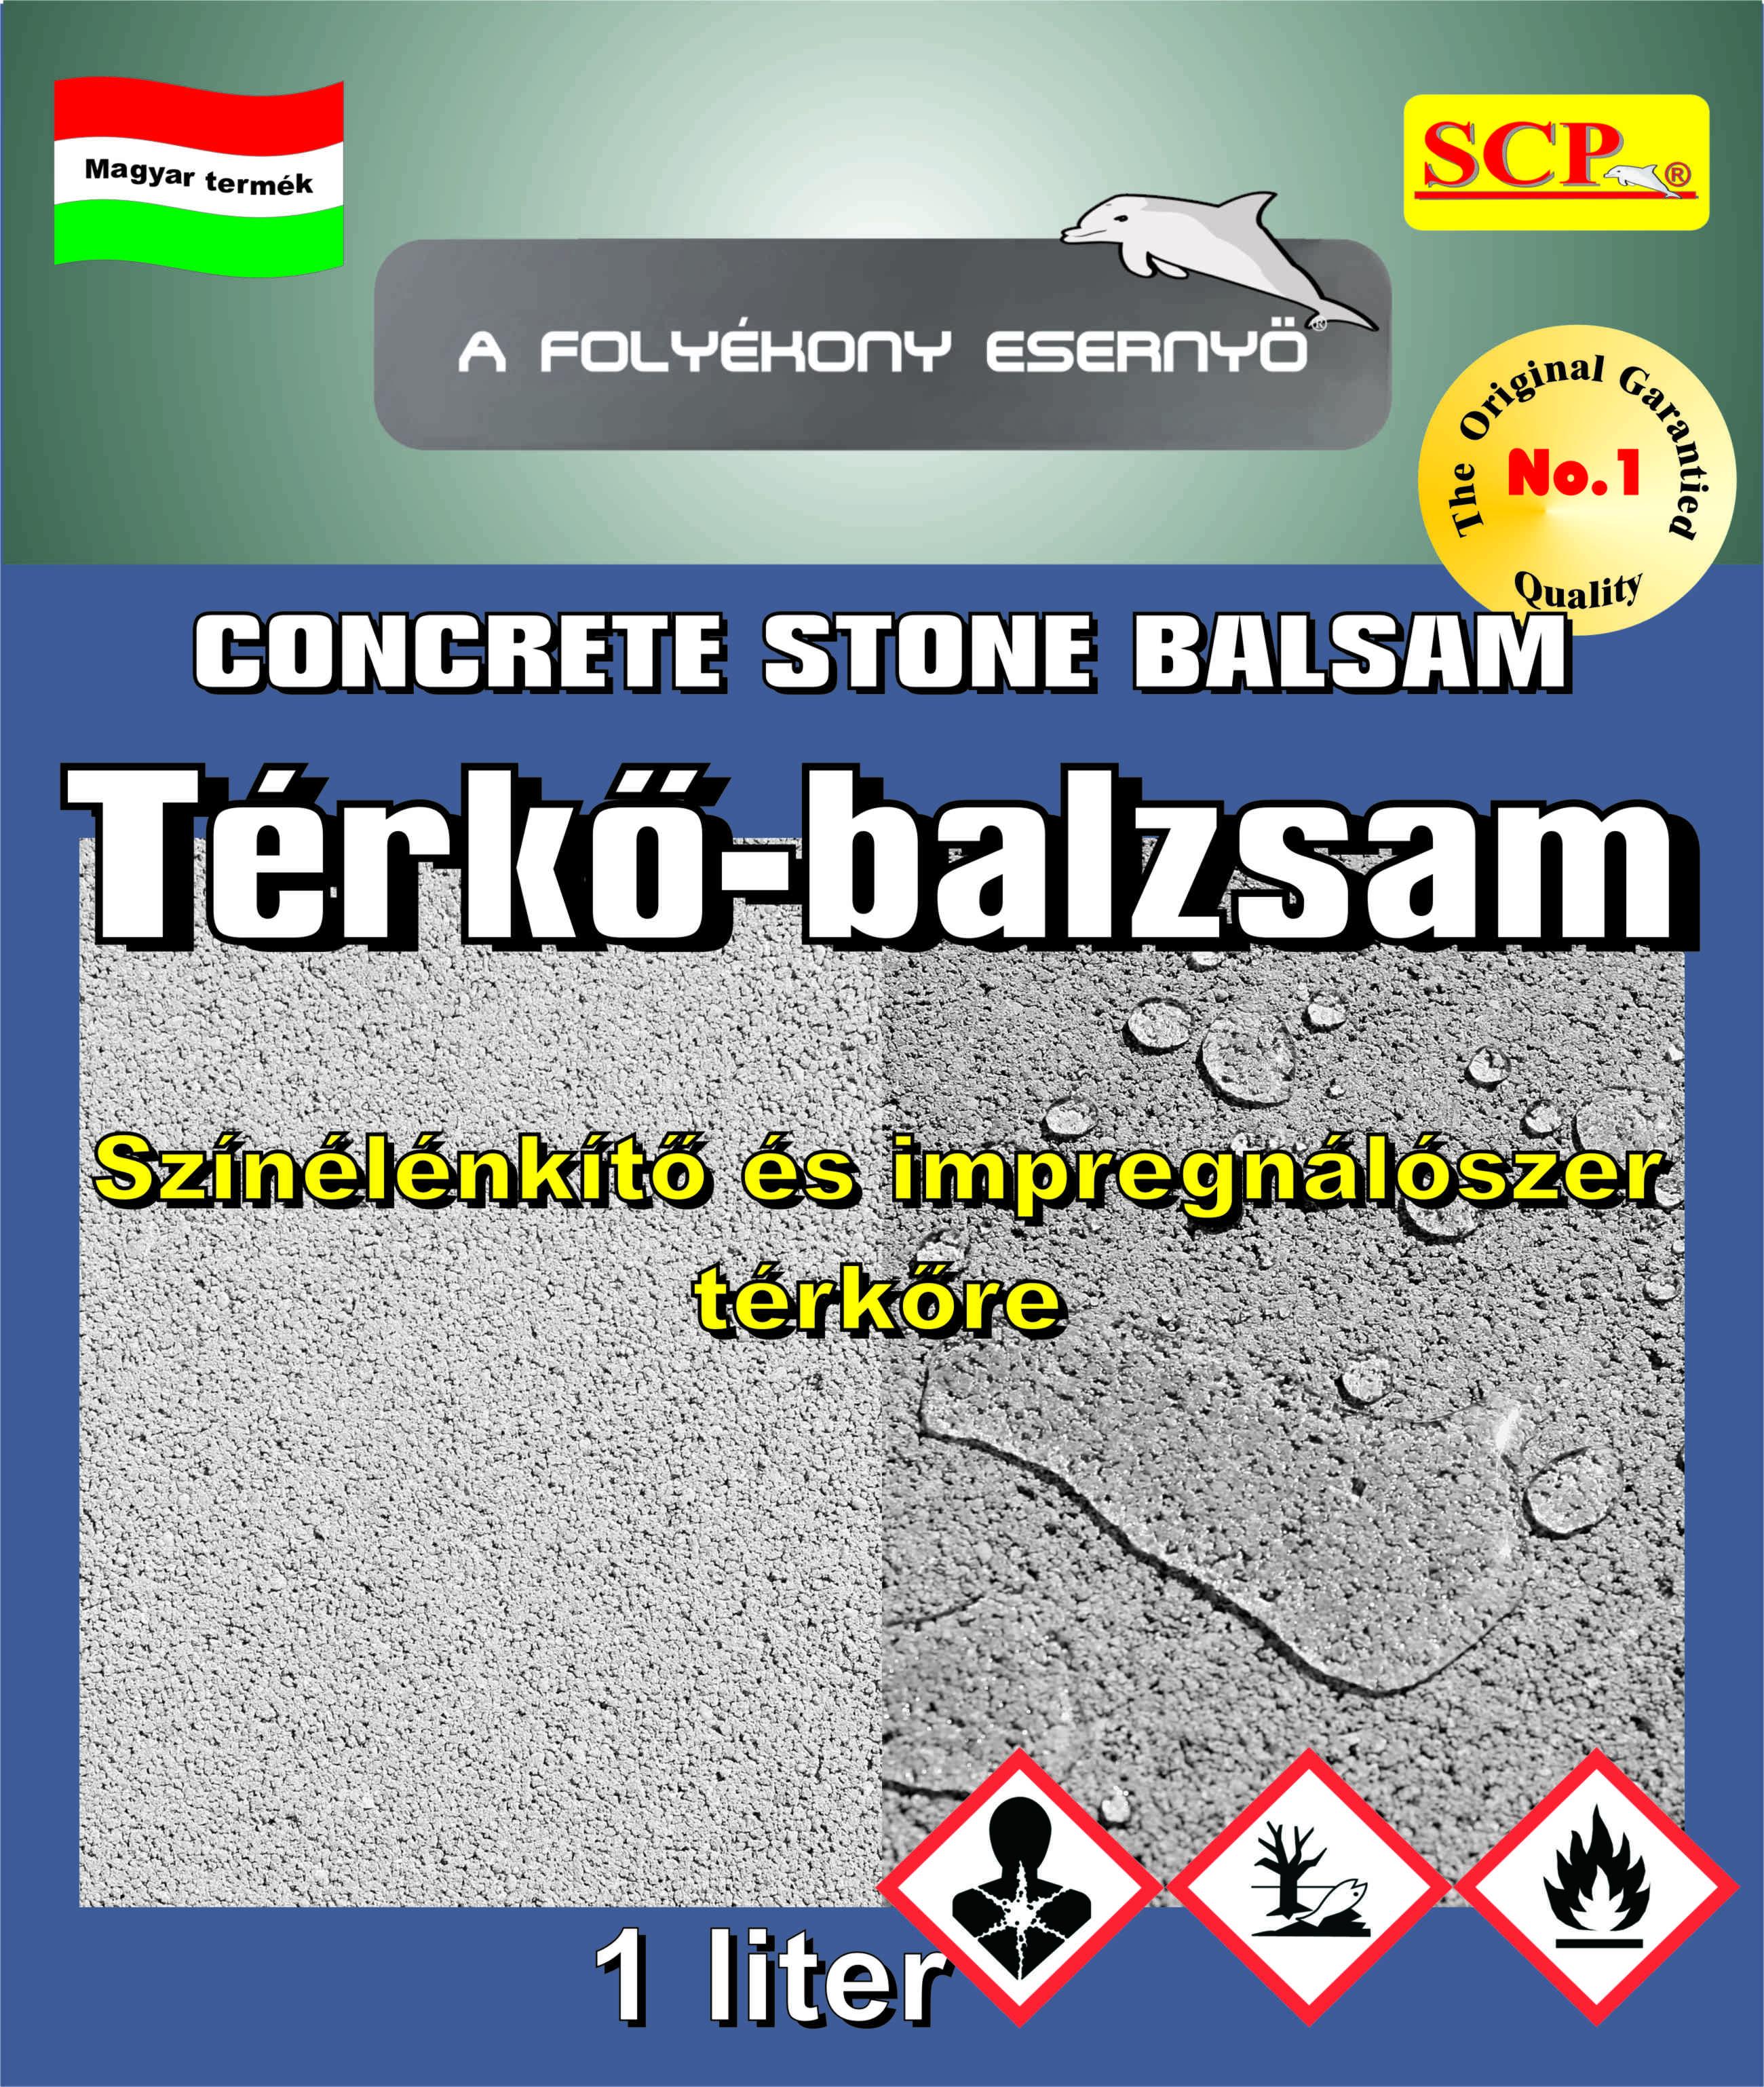 TÉRKŐBALZSAM - CONCRETE STONE BALSAM kiválóan alkalmas a régen lerakott és kifakult térkövek színének élénkítésére és impregnálására.